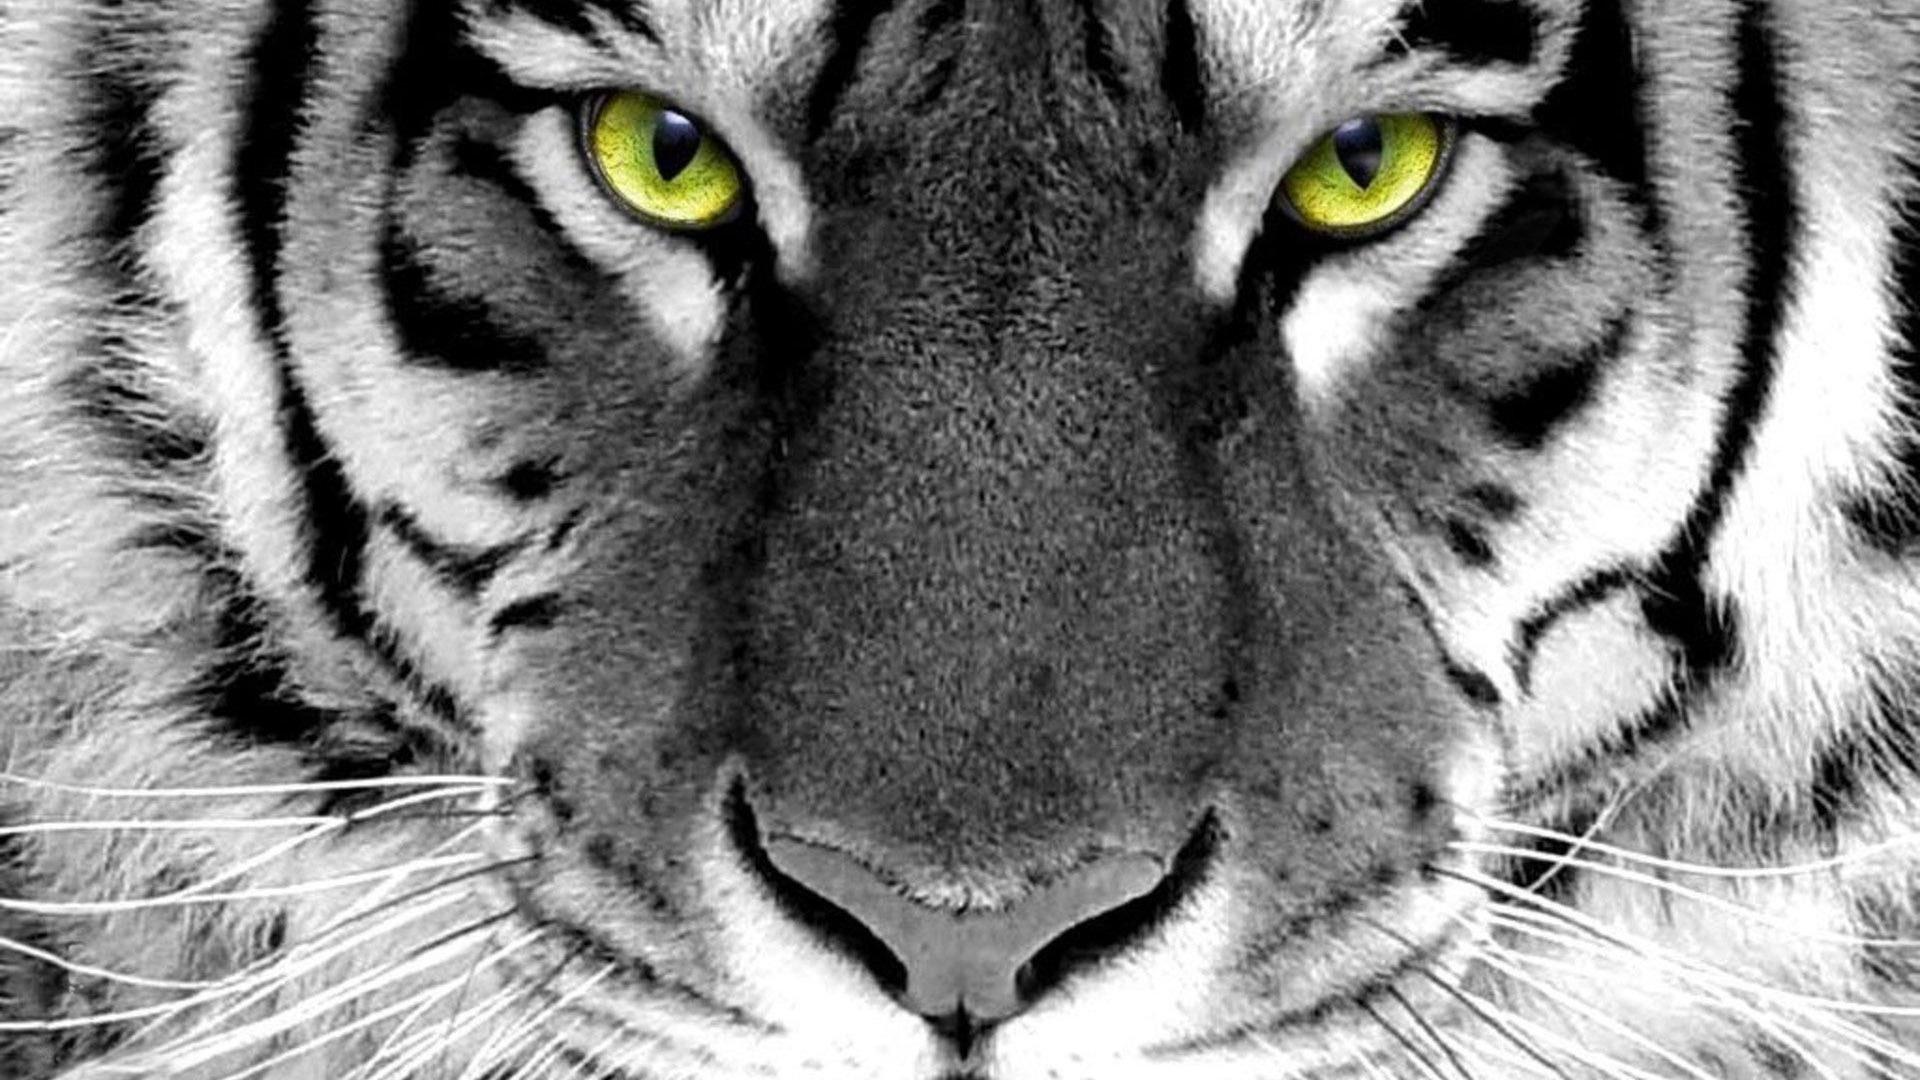 虎 かわいい動物の壁紙プレビュー 10wallpaper Com